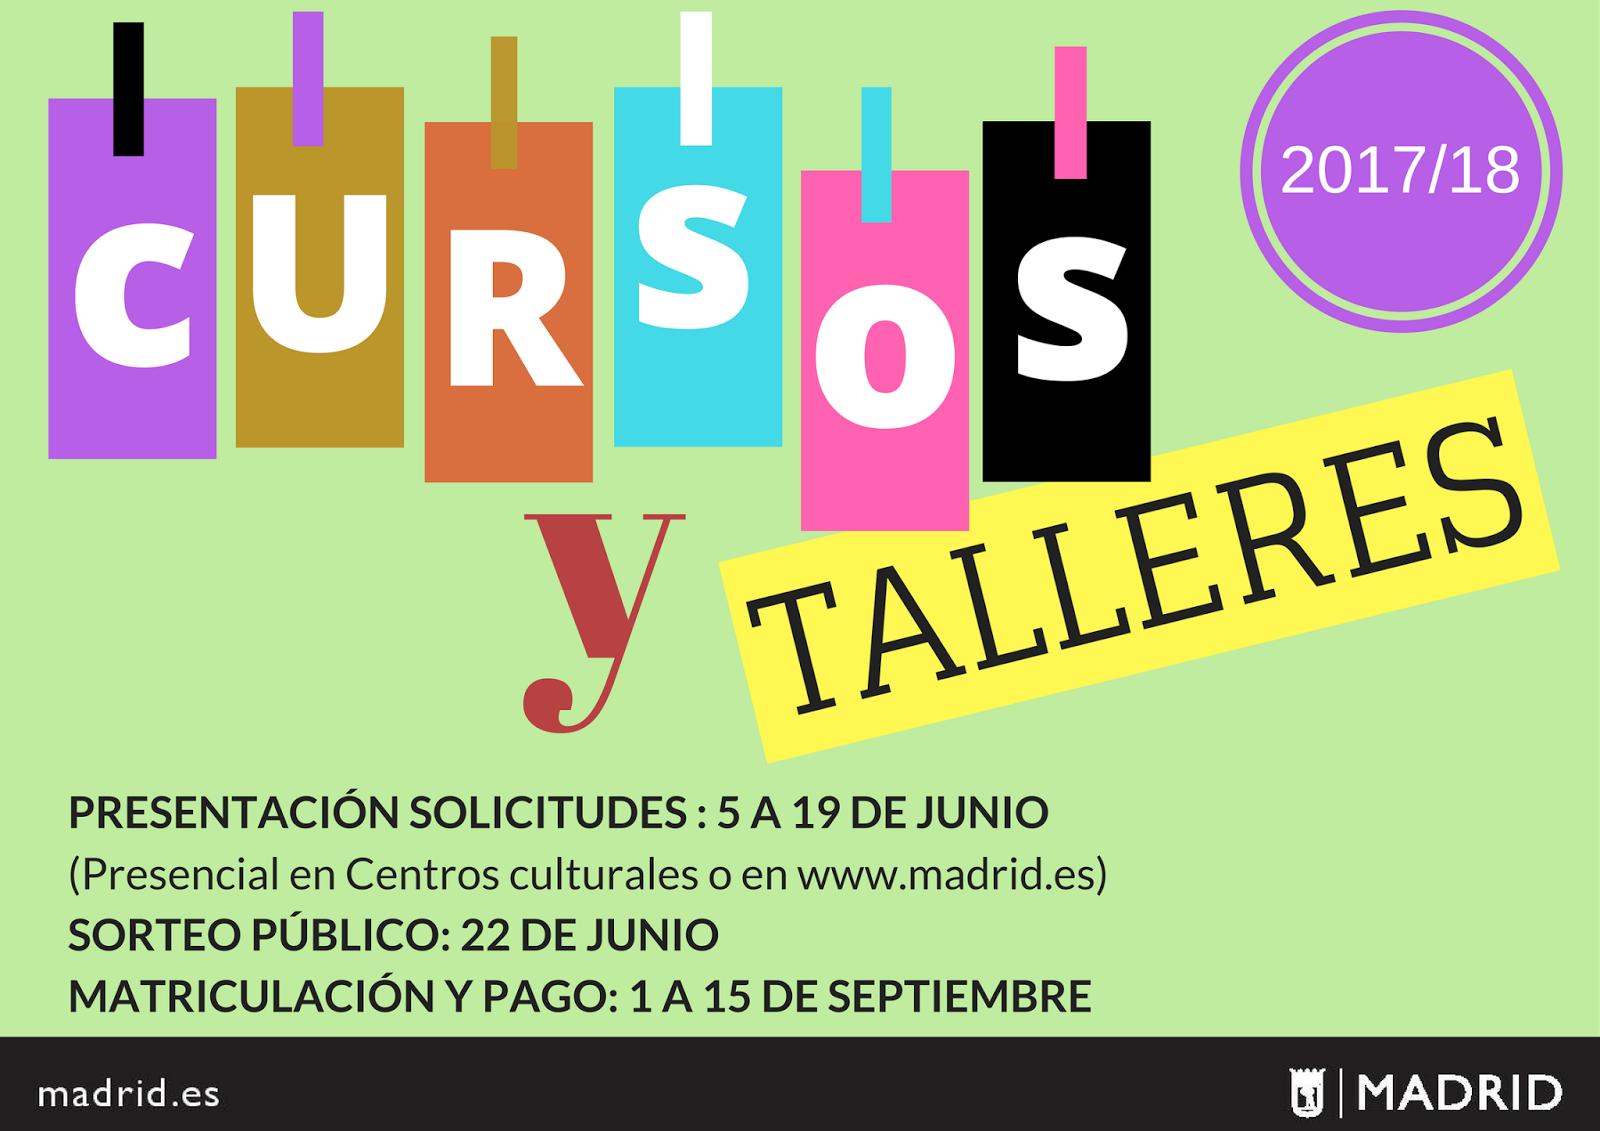 Cursos Y Talleres 2017 18 Vicalv Blog Distrito Vic Lvaro ~ Cursos De Manualidades En Madrid